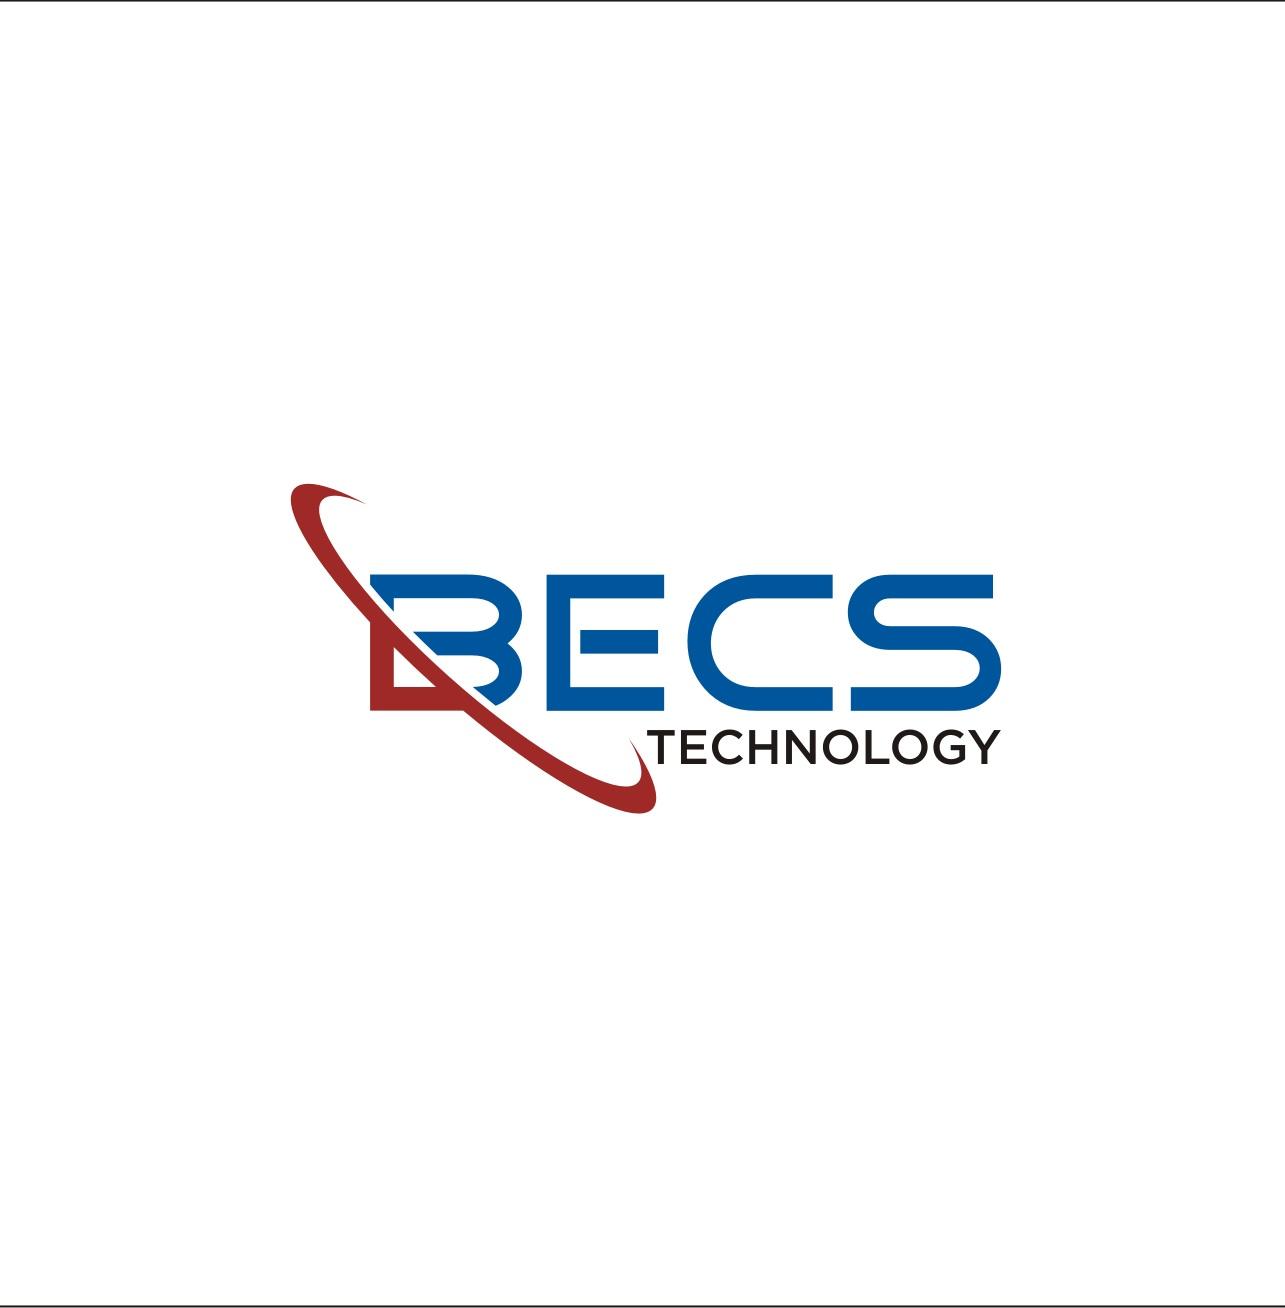 becs technology.png